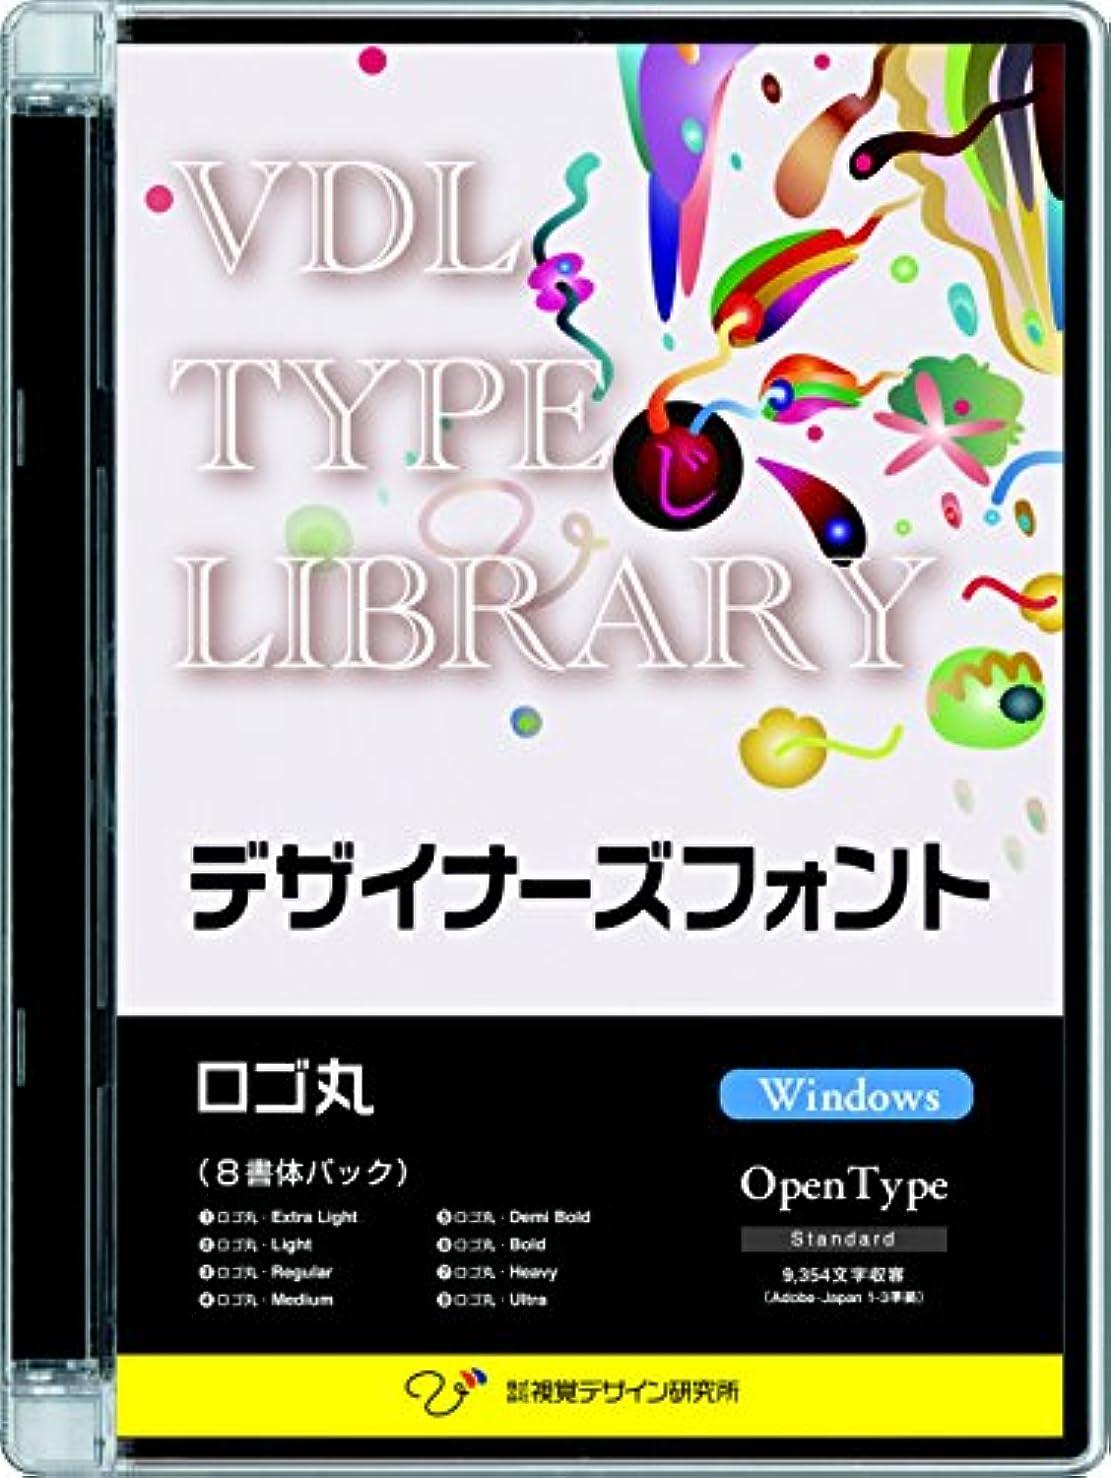 寛大さ怒っているフレットVDL TYPE LIBRARY デザイナーズフォント OpenType (Standard) Windows ロゴ丸 ファミリーパック